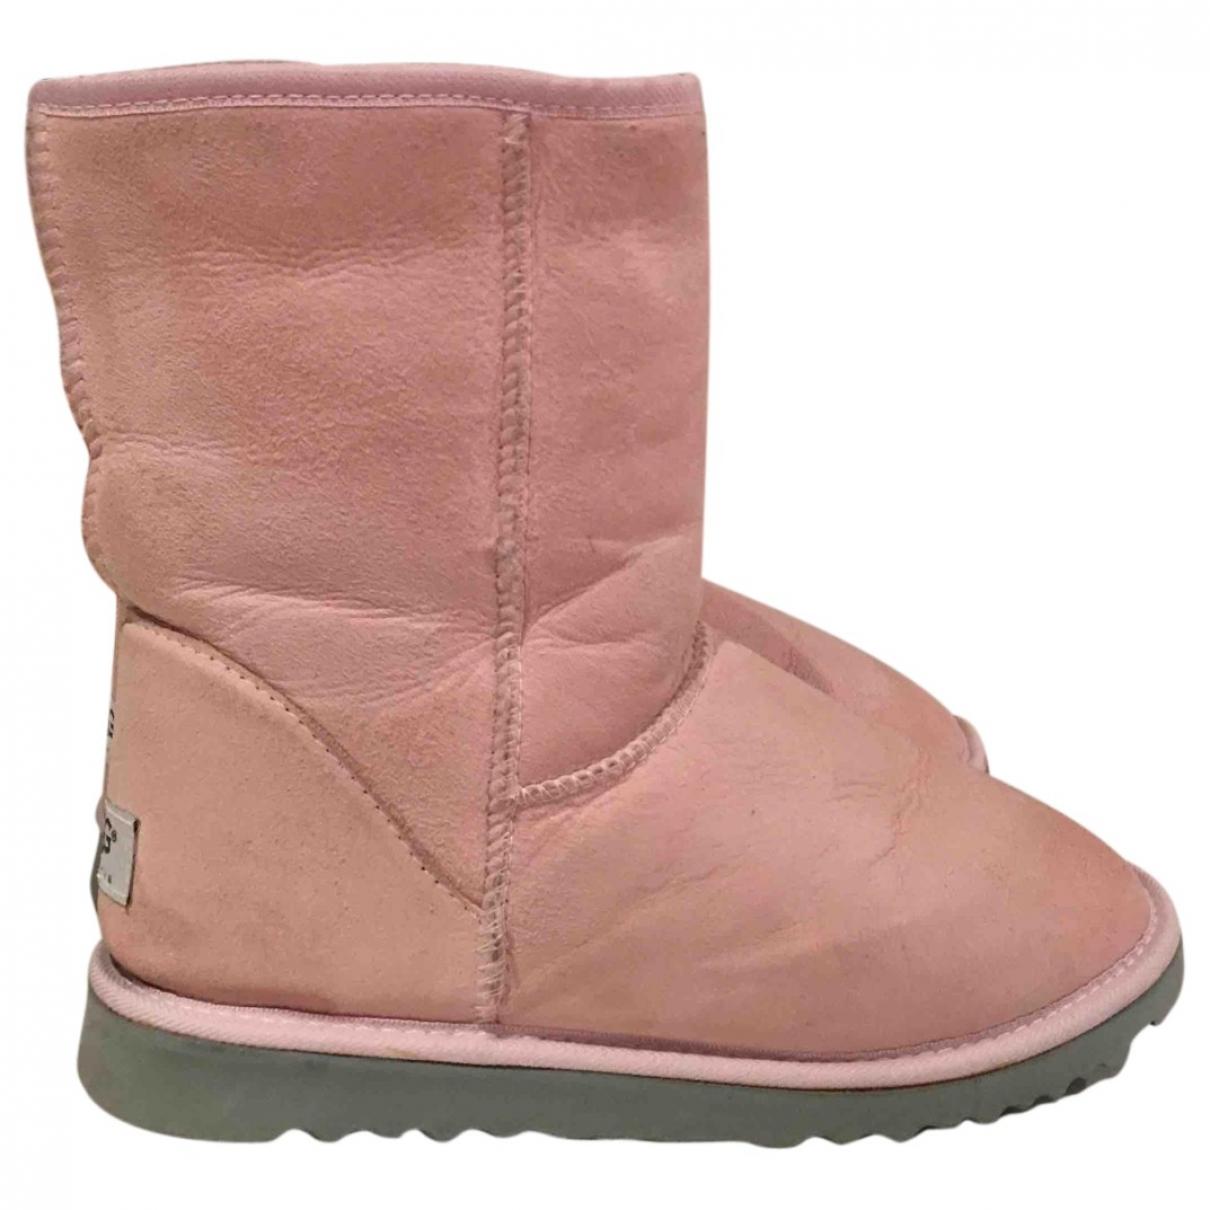 Ugg - Bottes   pour femme en cuir - rose